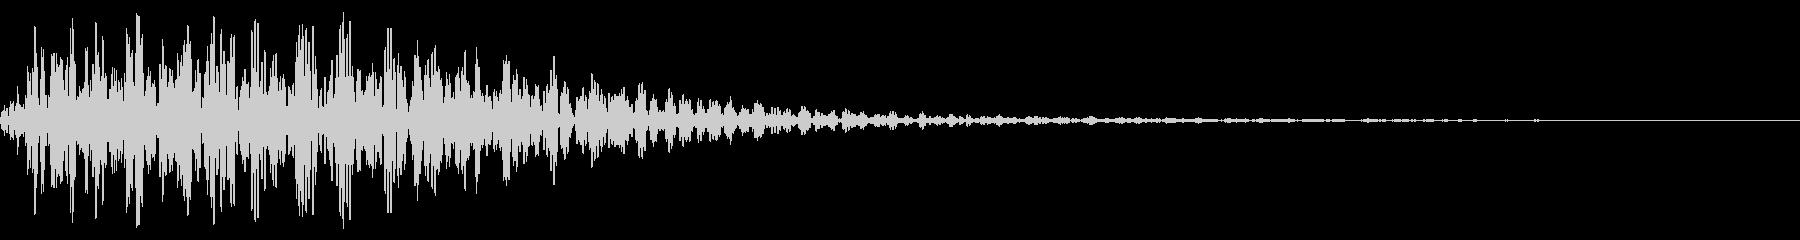 スローサブインパクト、ベース、ロー...の未再生の波形